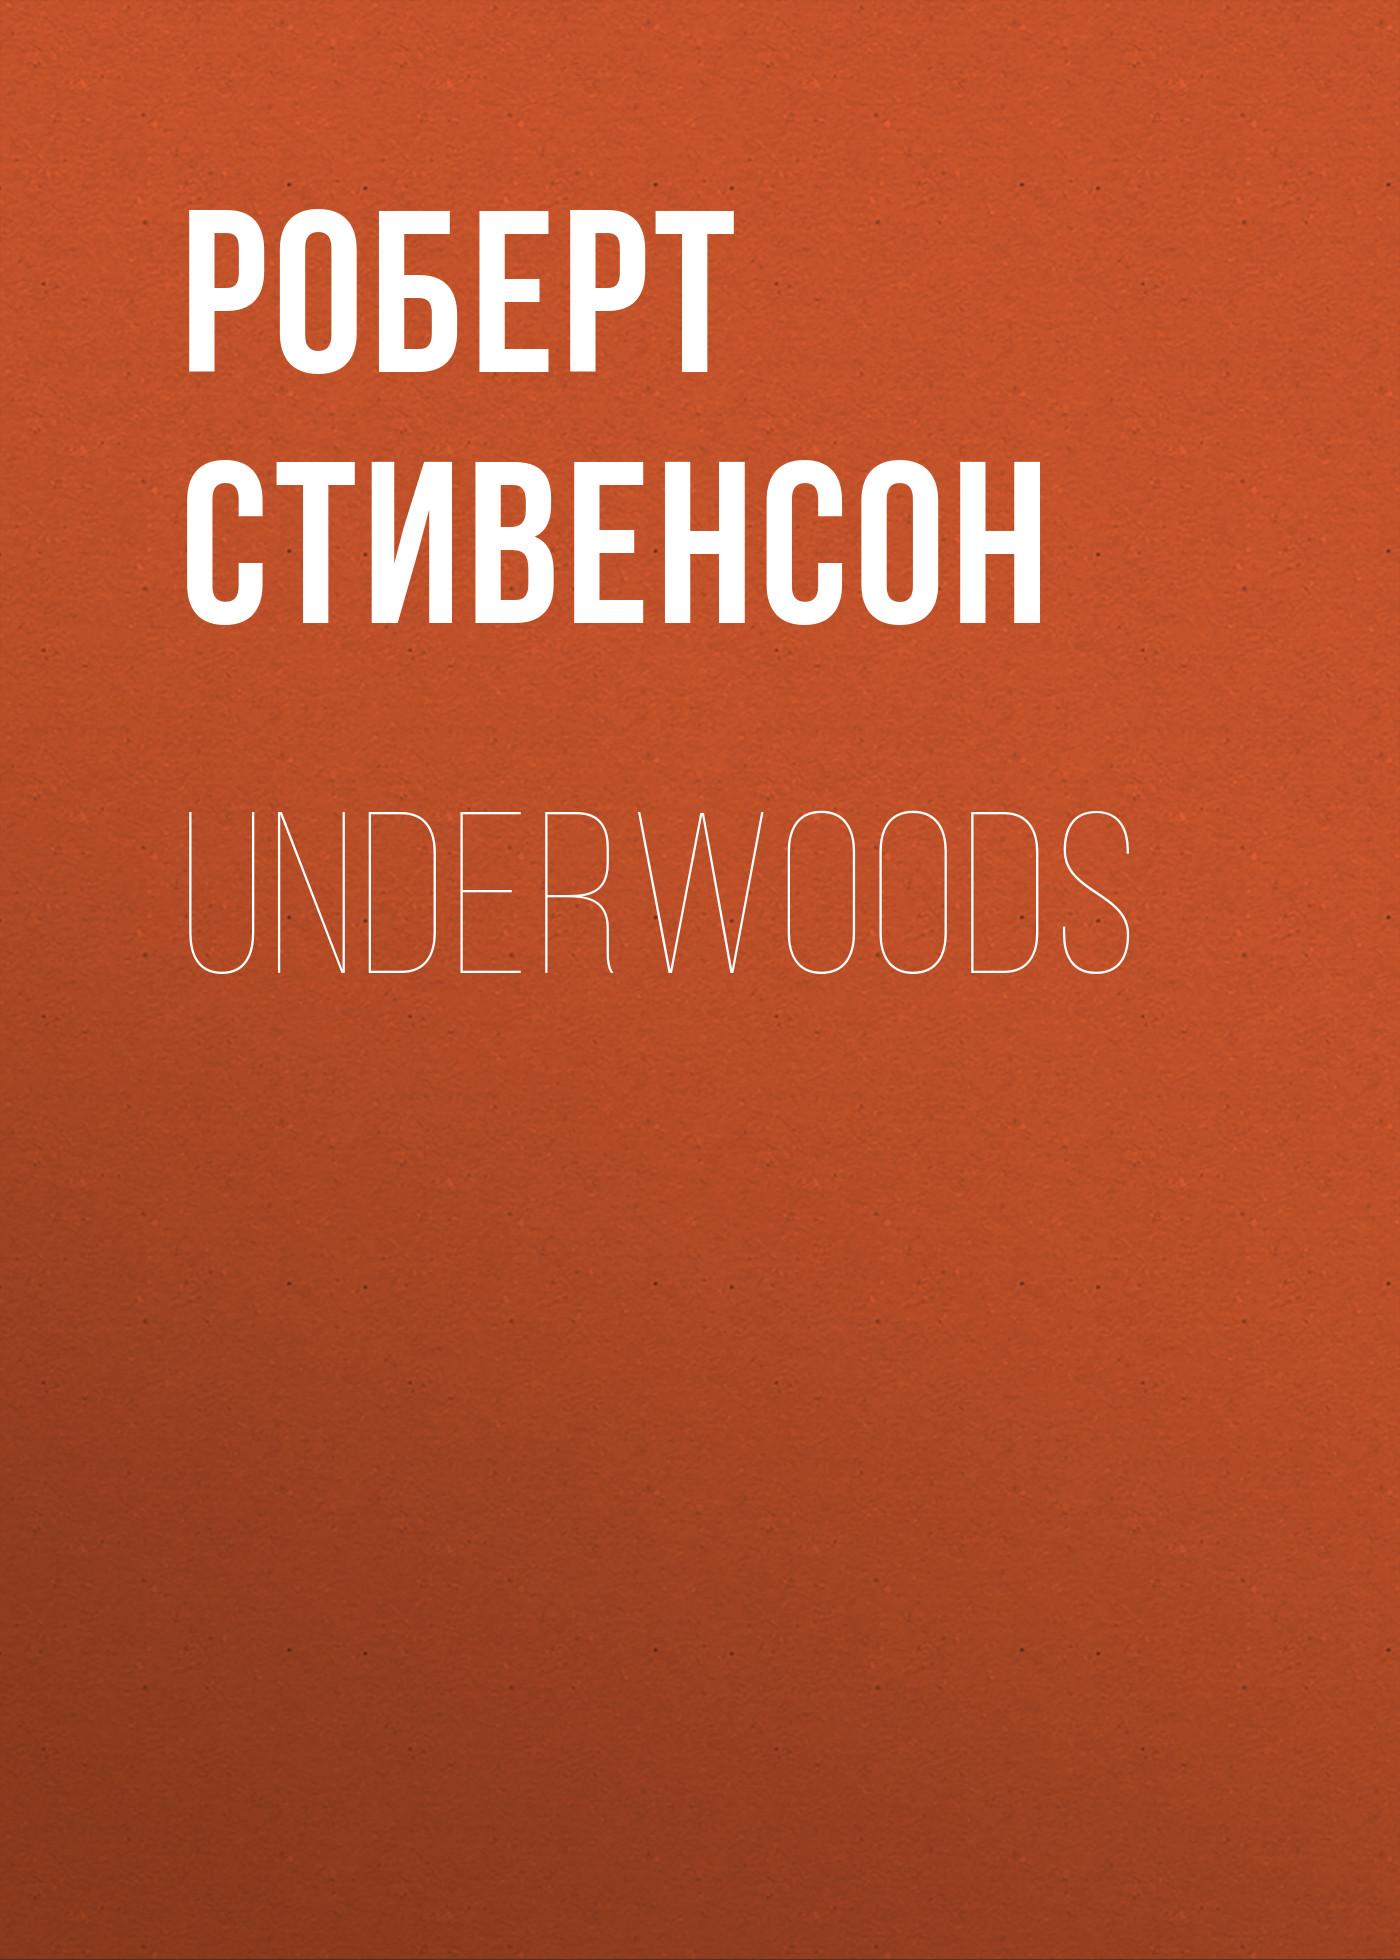 Underwoods